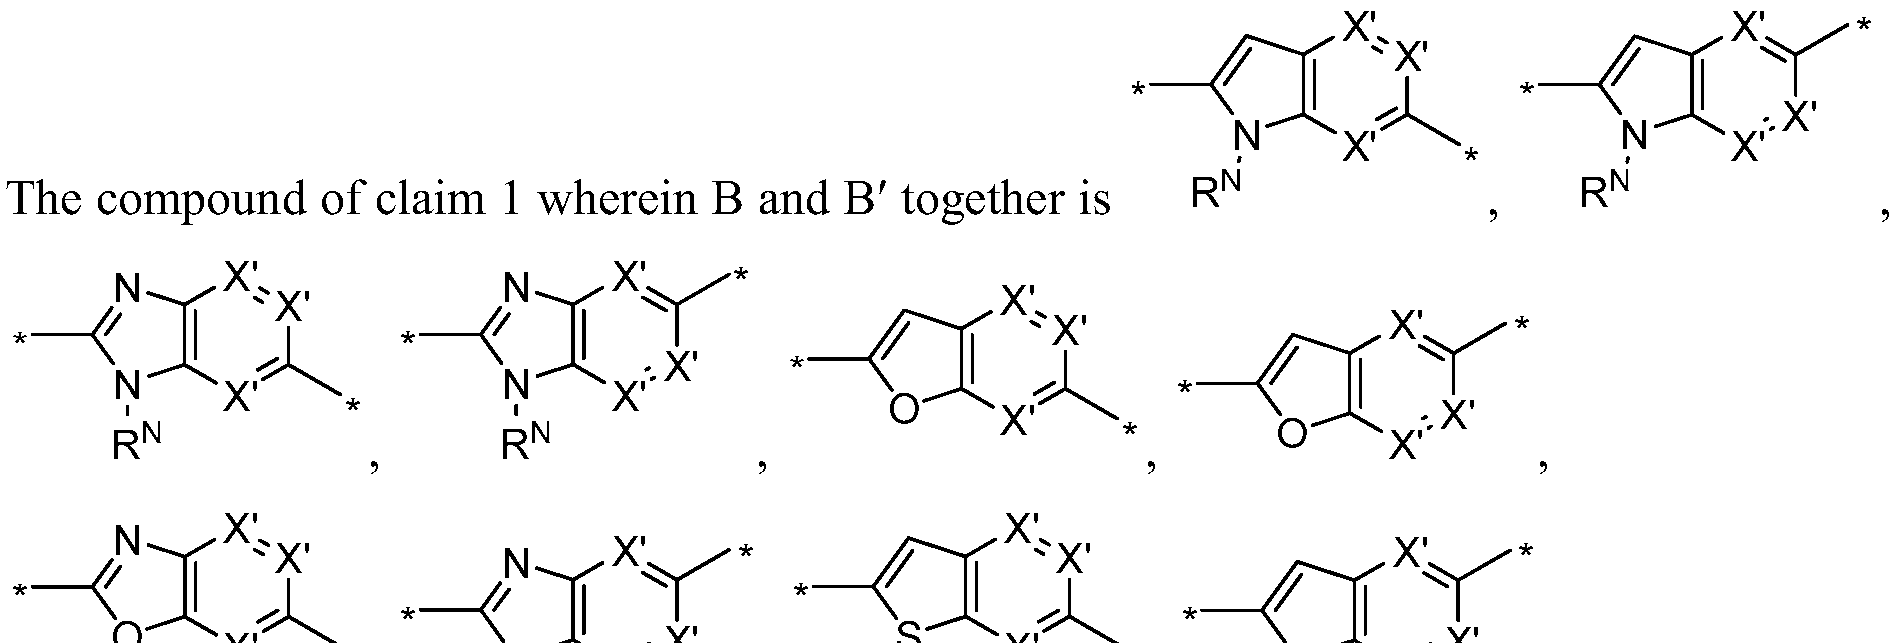 Figure imgf000348_0003